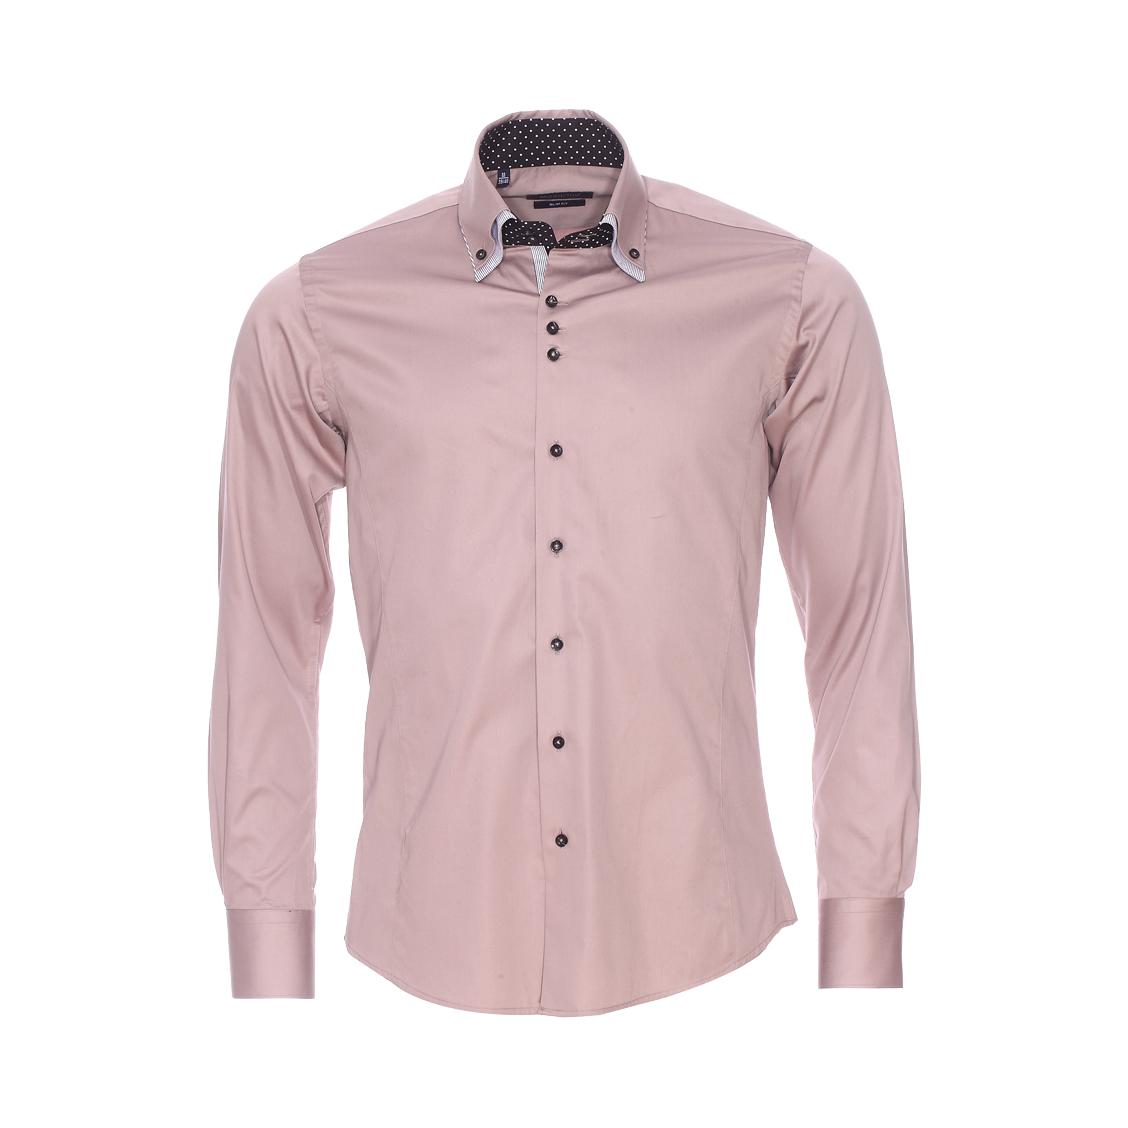 Chemise cintrée  en coton taupe à opposition noire à pois blancs